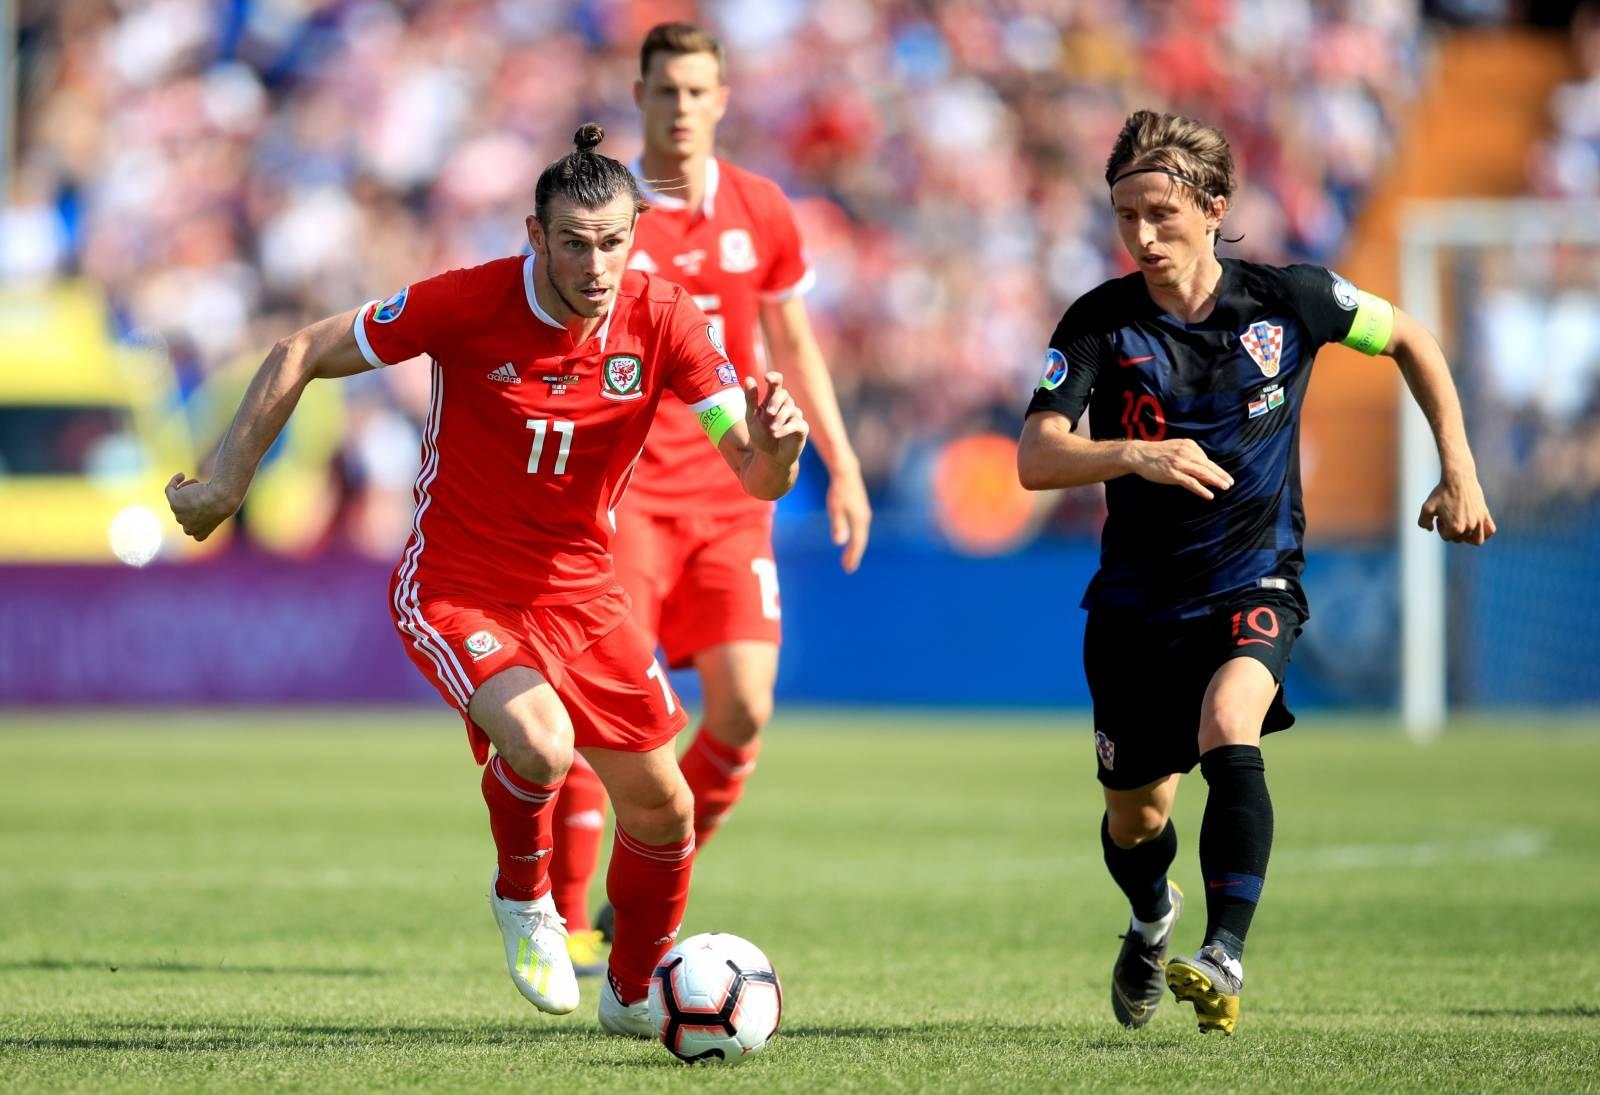 Croatia v Wales - UEFA Euro 2020 Qualifying - Group E - Stadion Gradski Vrt